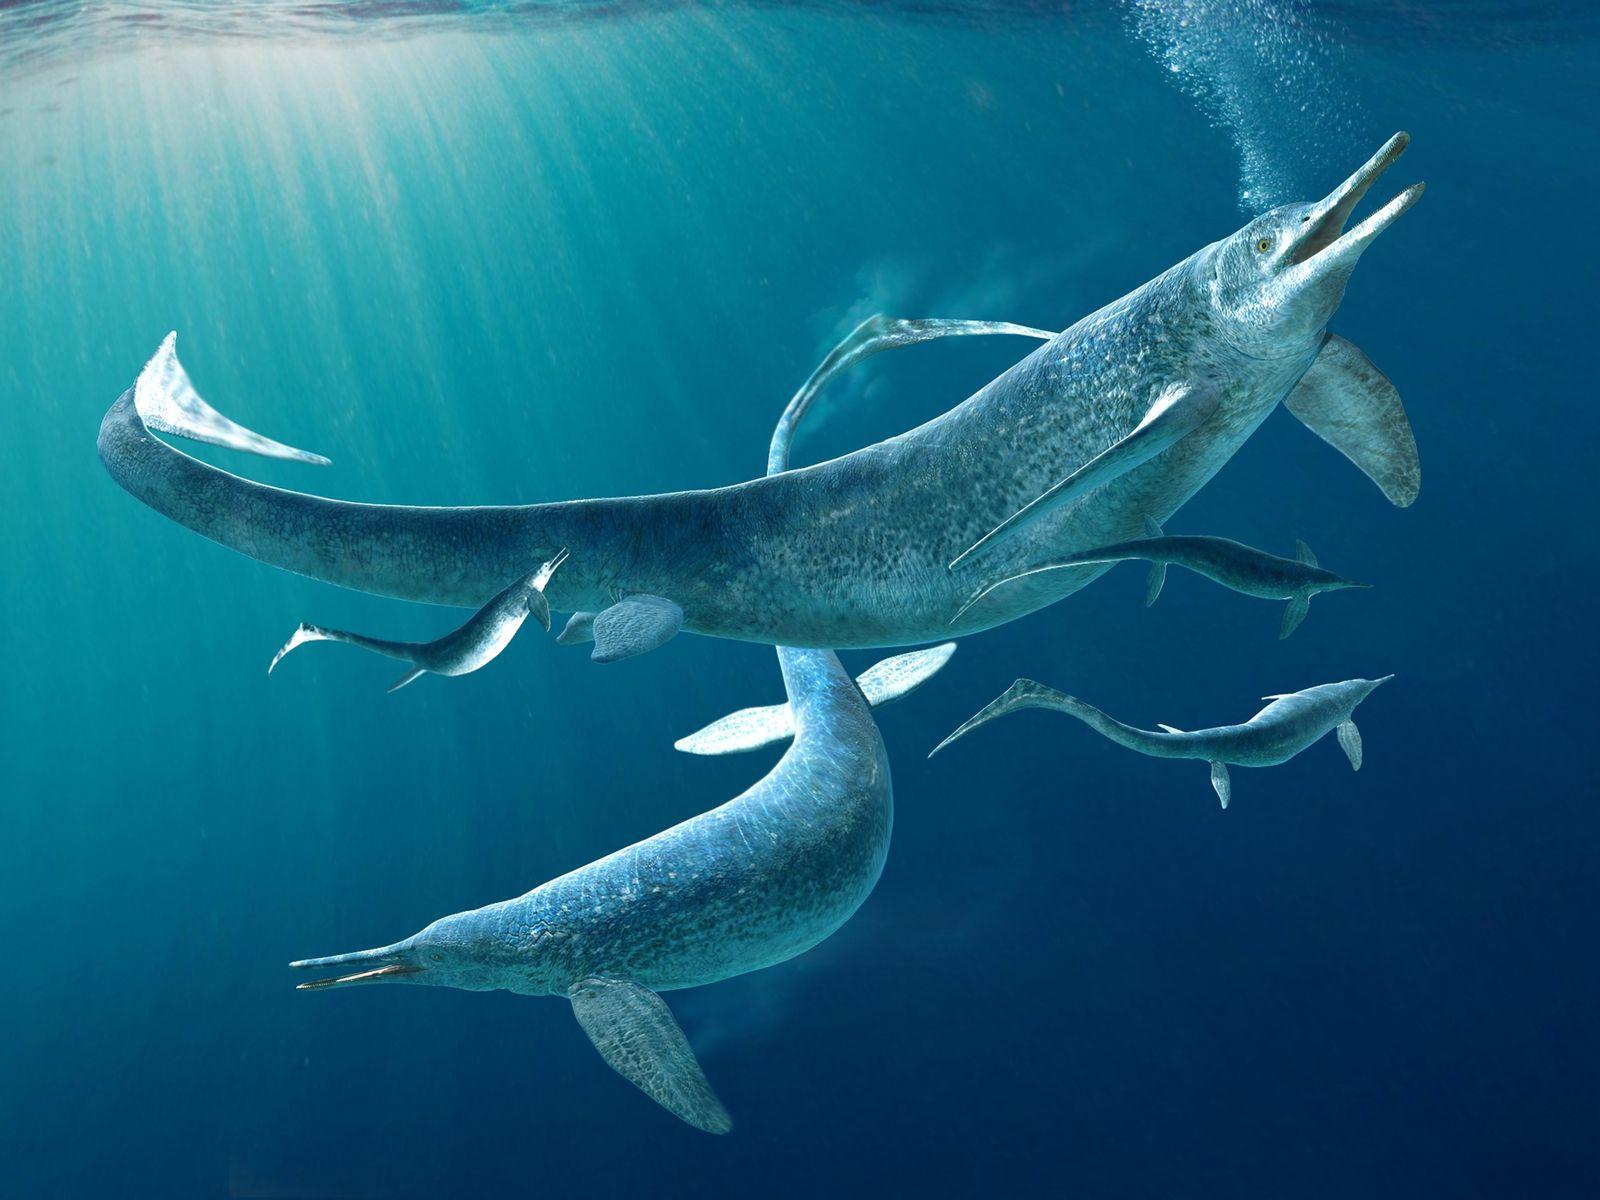 fabio_manucci_triassic_ichthyosaur.jpg?w=1600&h=1200